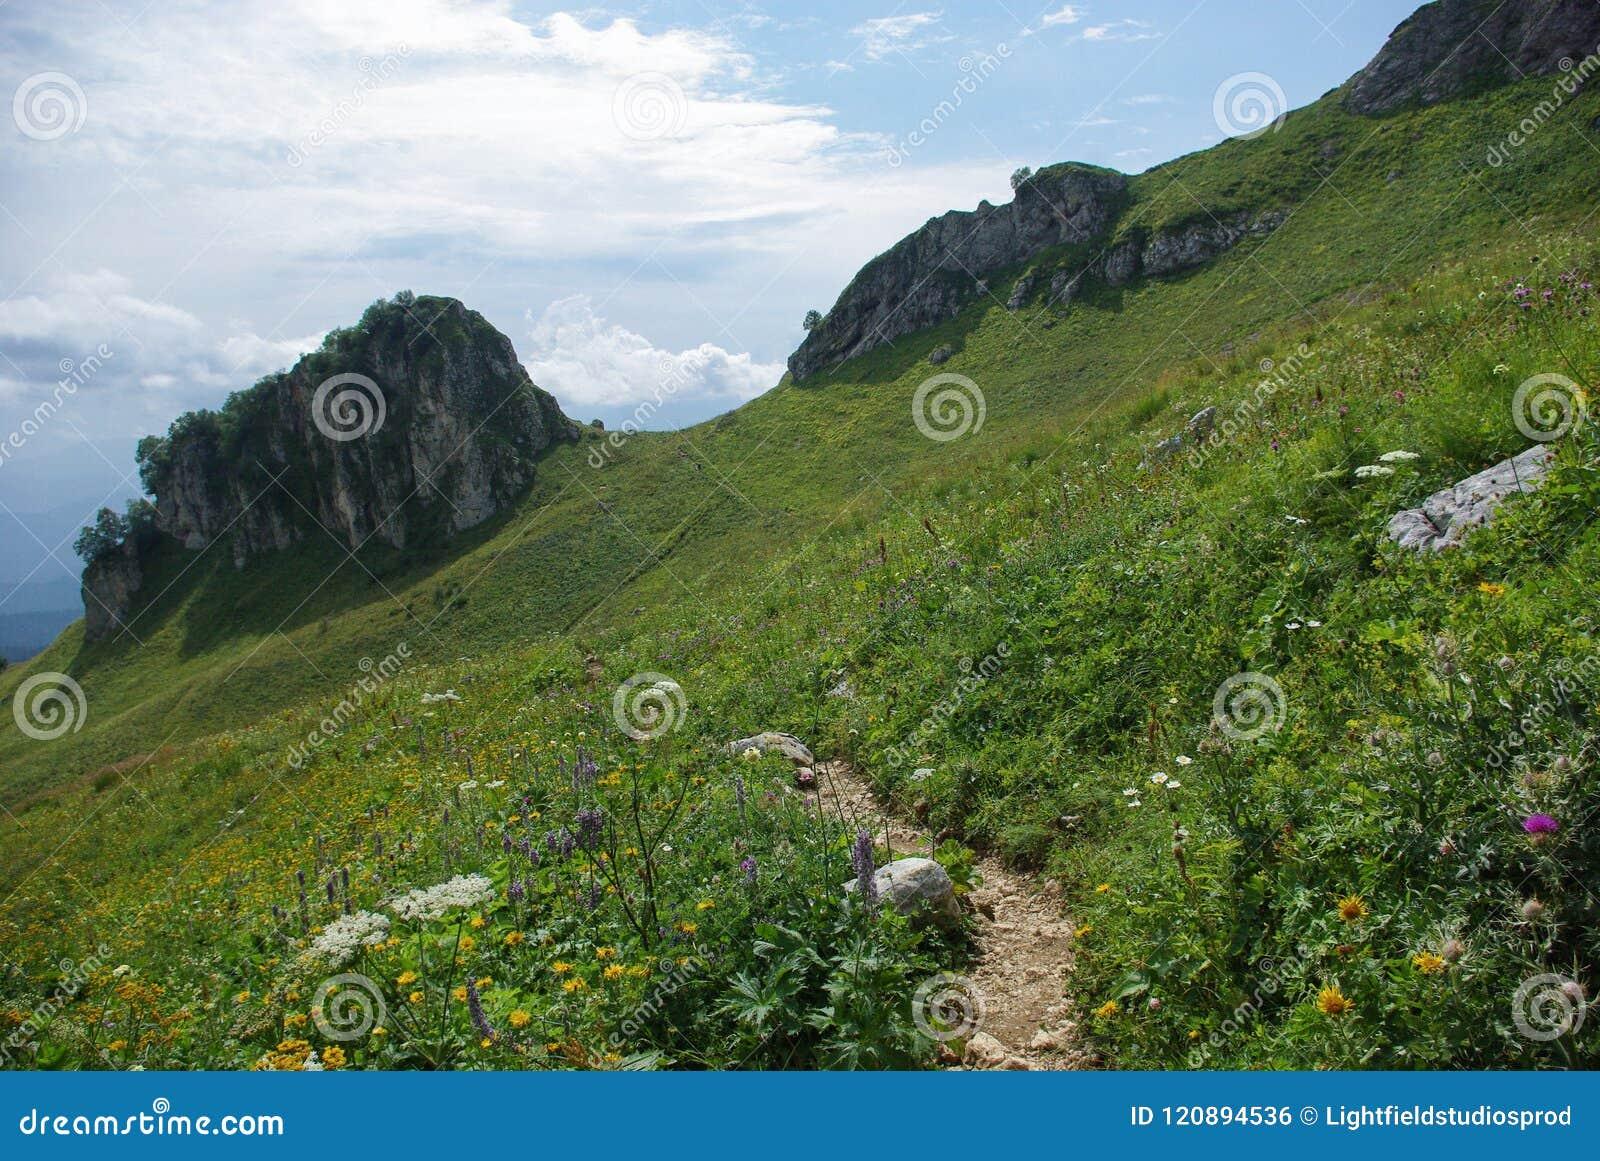 Vista no trajeto e no vale, Federação Russa, Cáucaso,